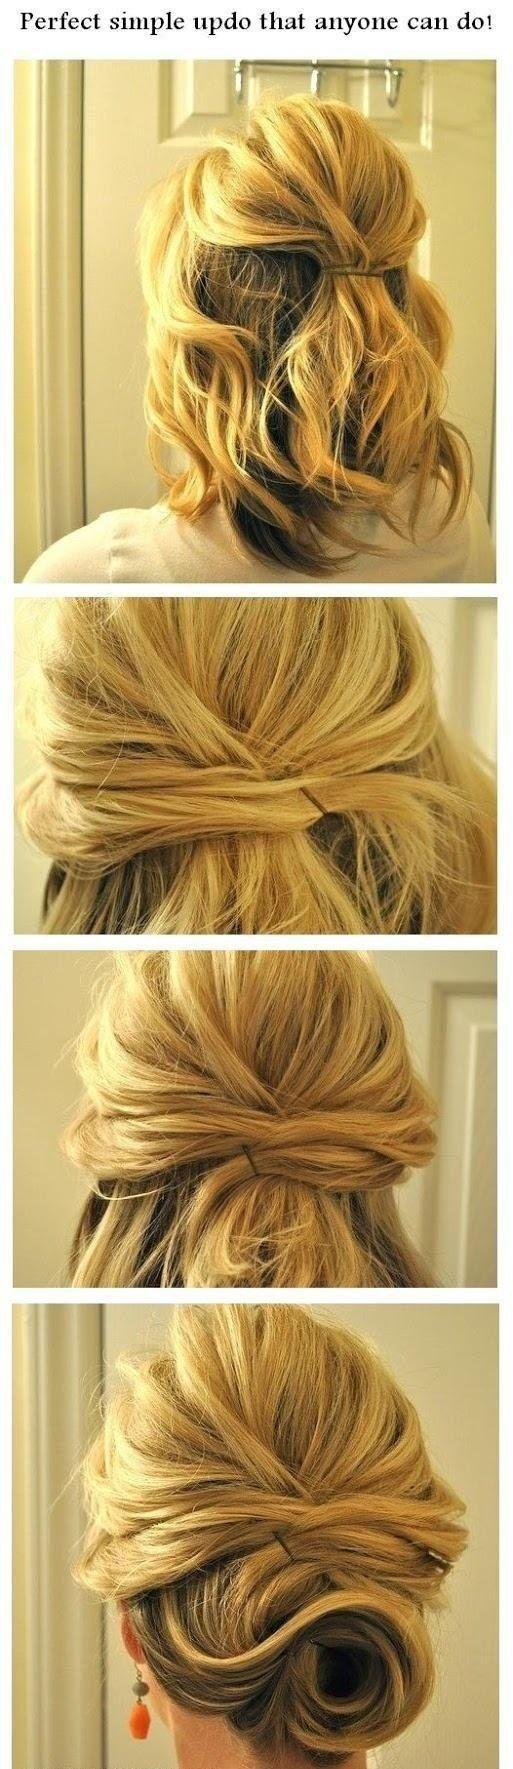 Si tienes el pelo corto, entrecruza el cabello para un efecto de moño desordenado.